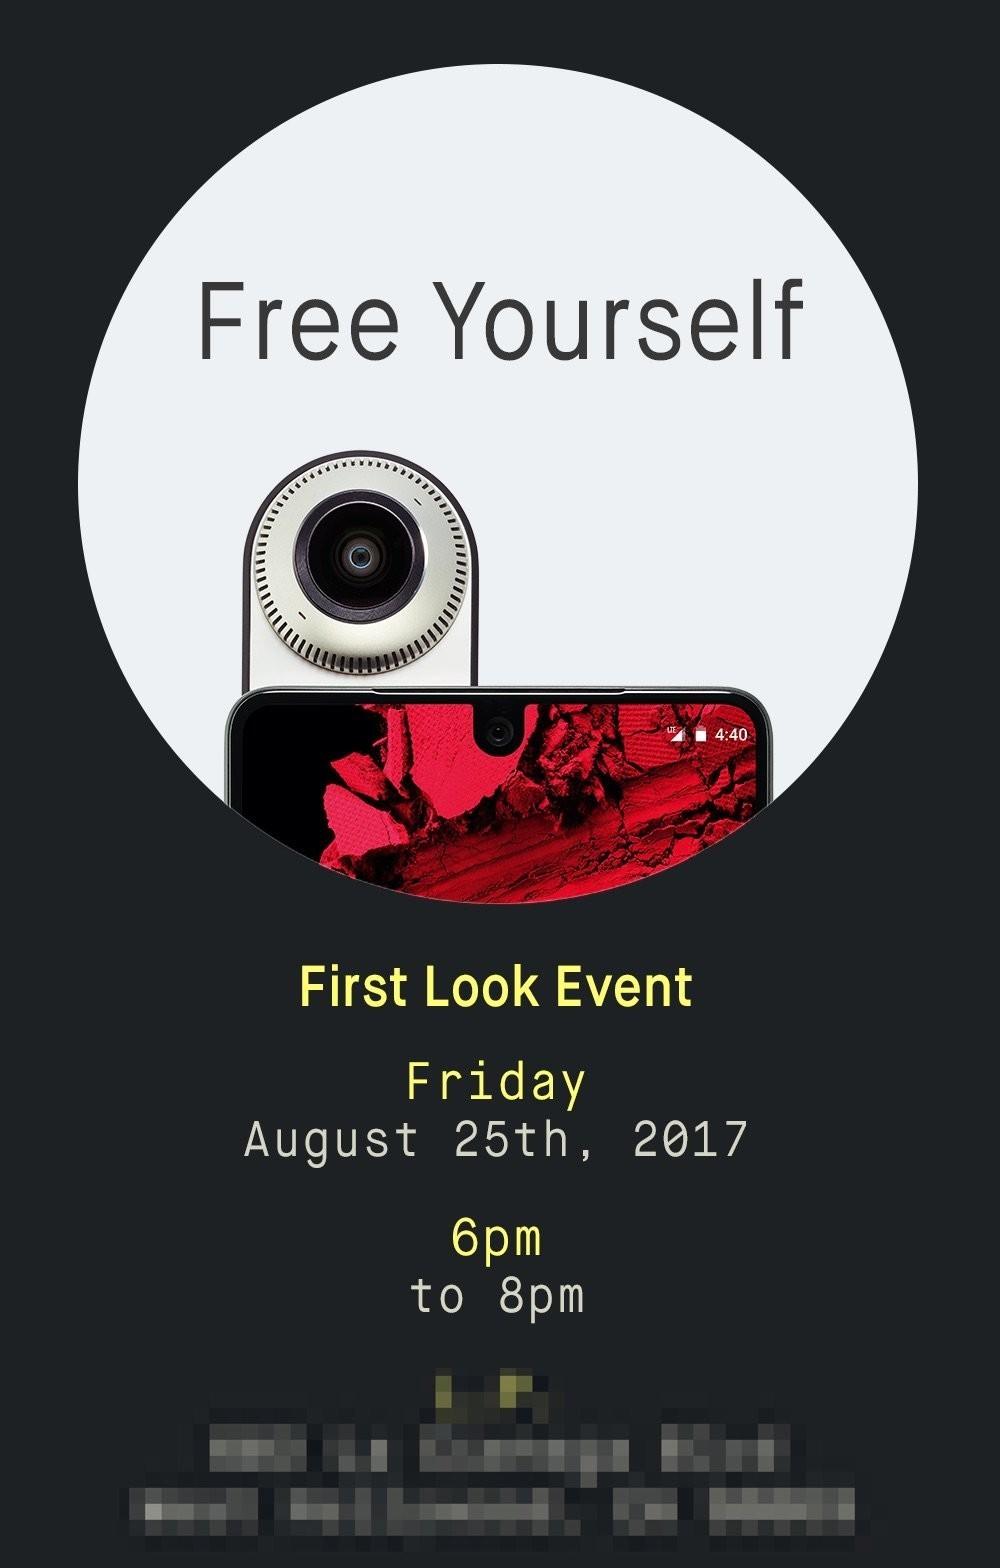 First Look Essential Phone, l'evento fissato il 21 agosto mette in mostra il dispositivo di Andy Rubin